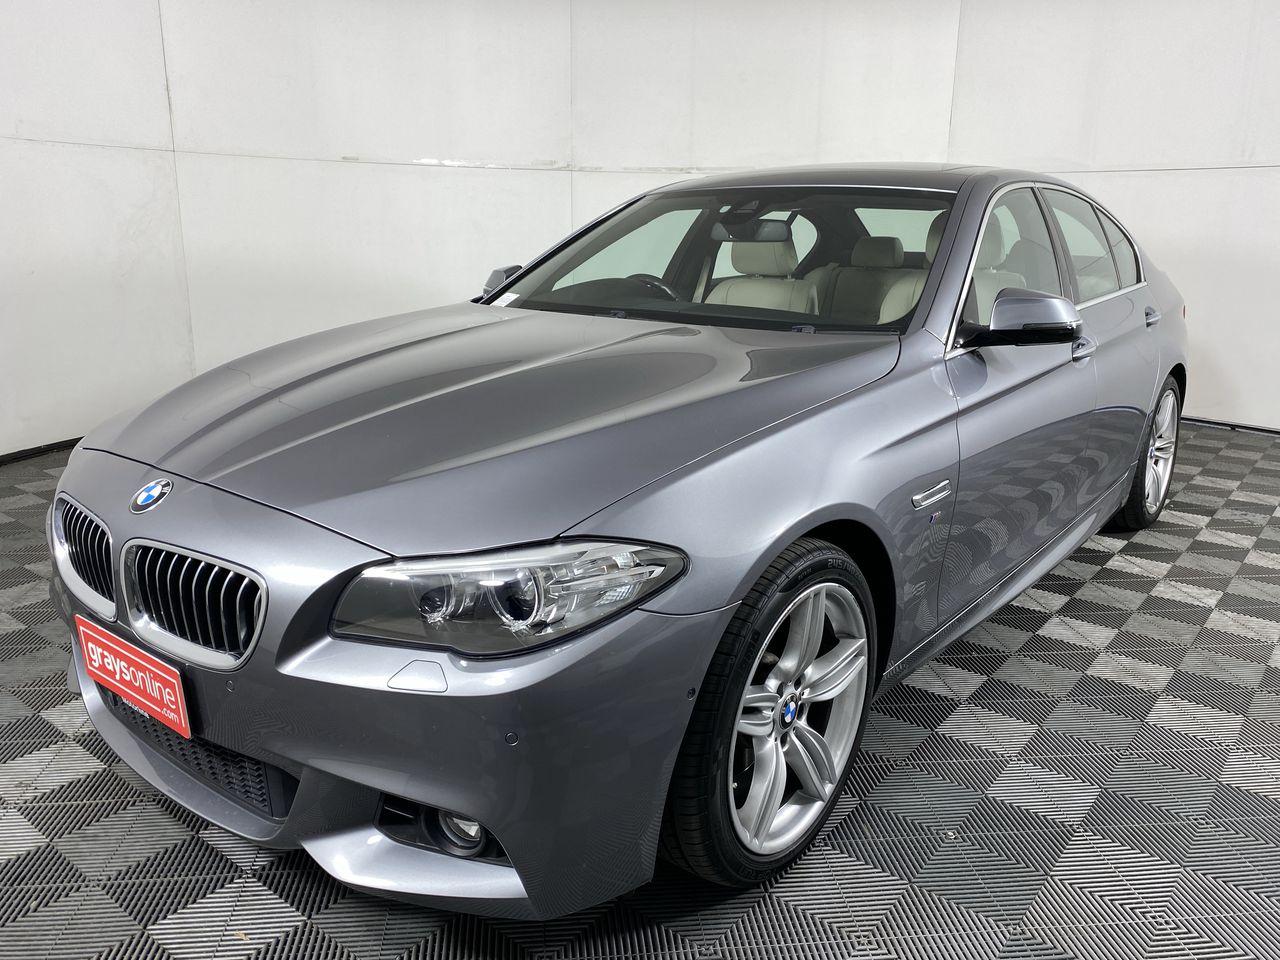 2016 BMW 5 Series 520d M SPORT F10 LCI Turbo Diesel Auto - 8 Speed Sedan